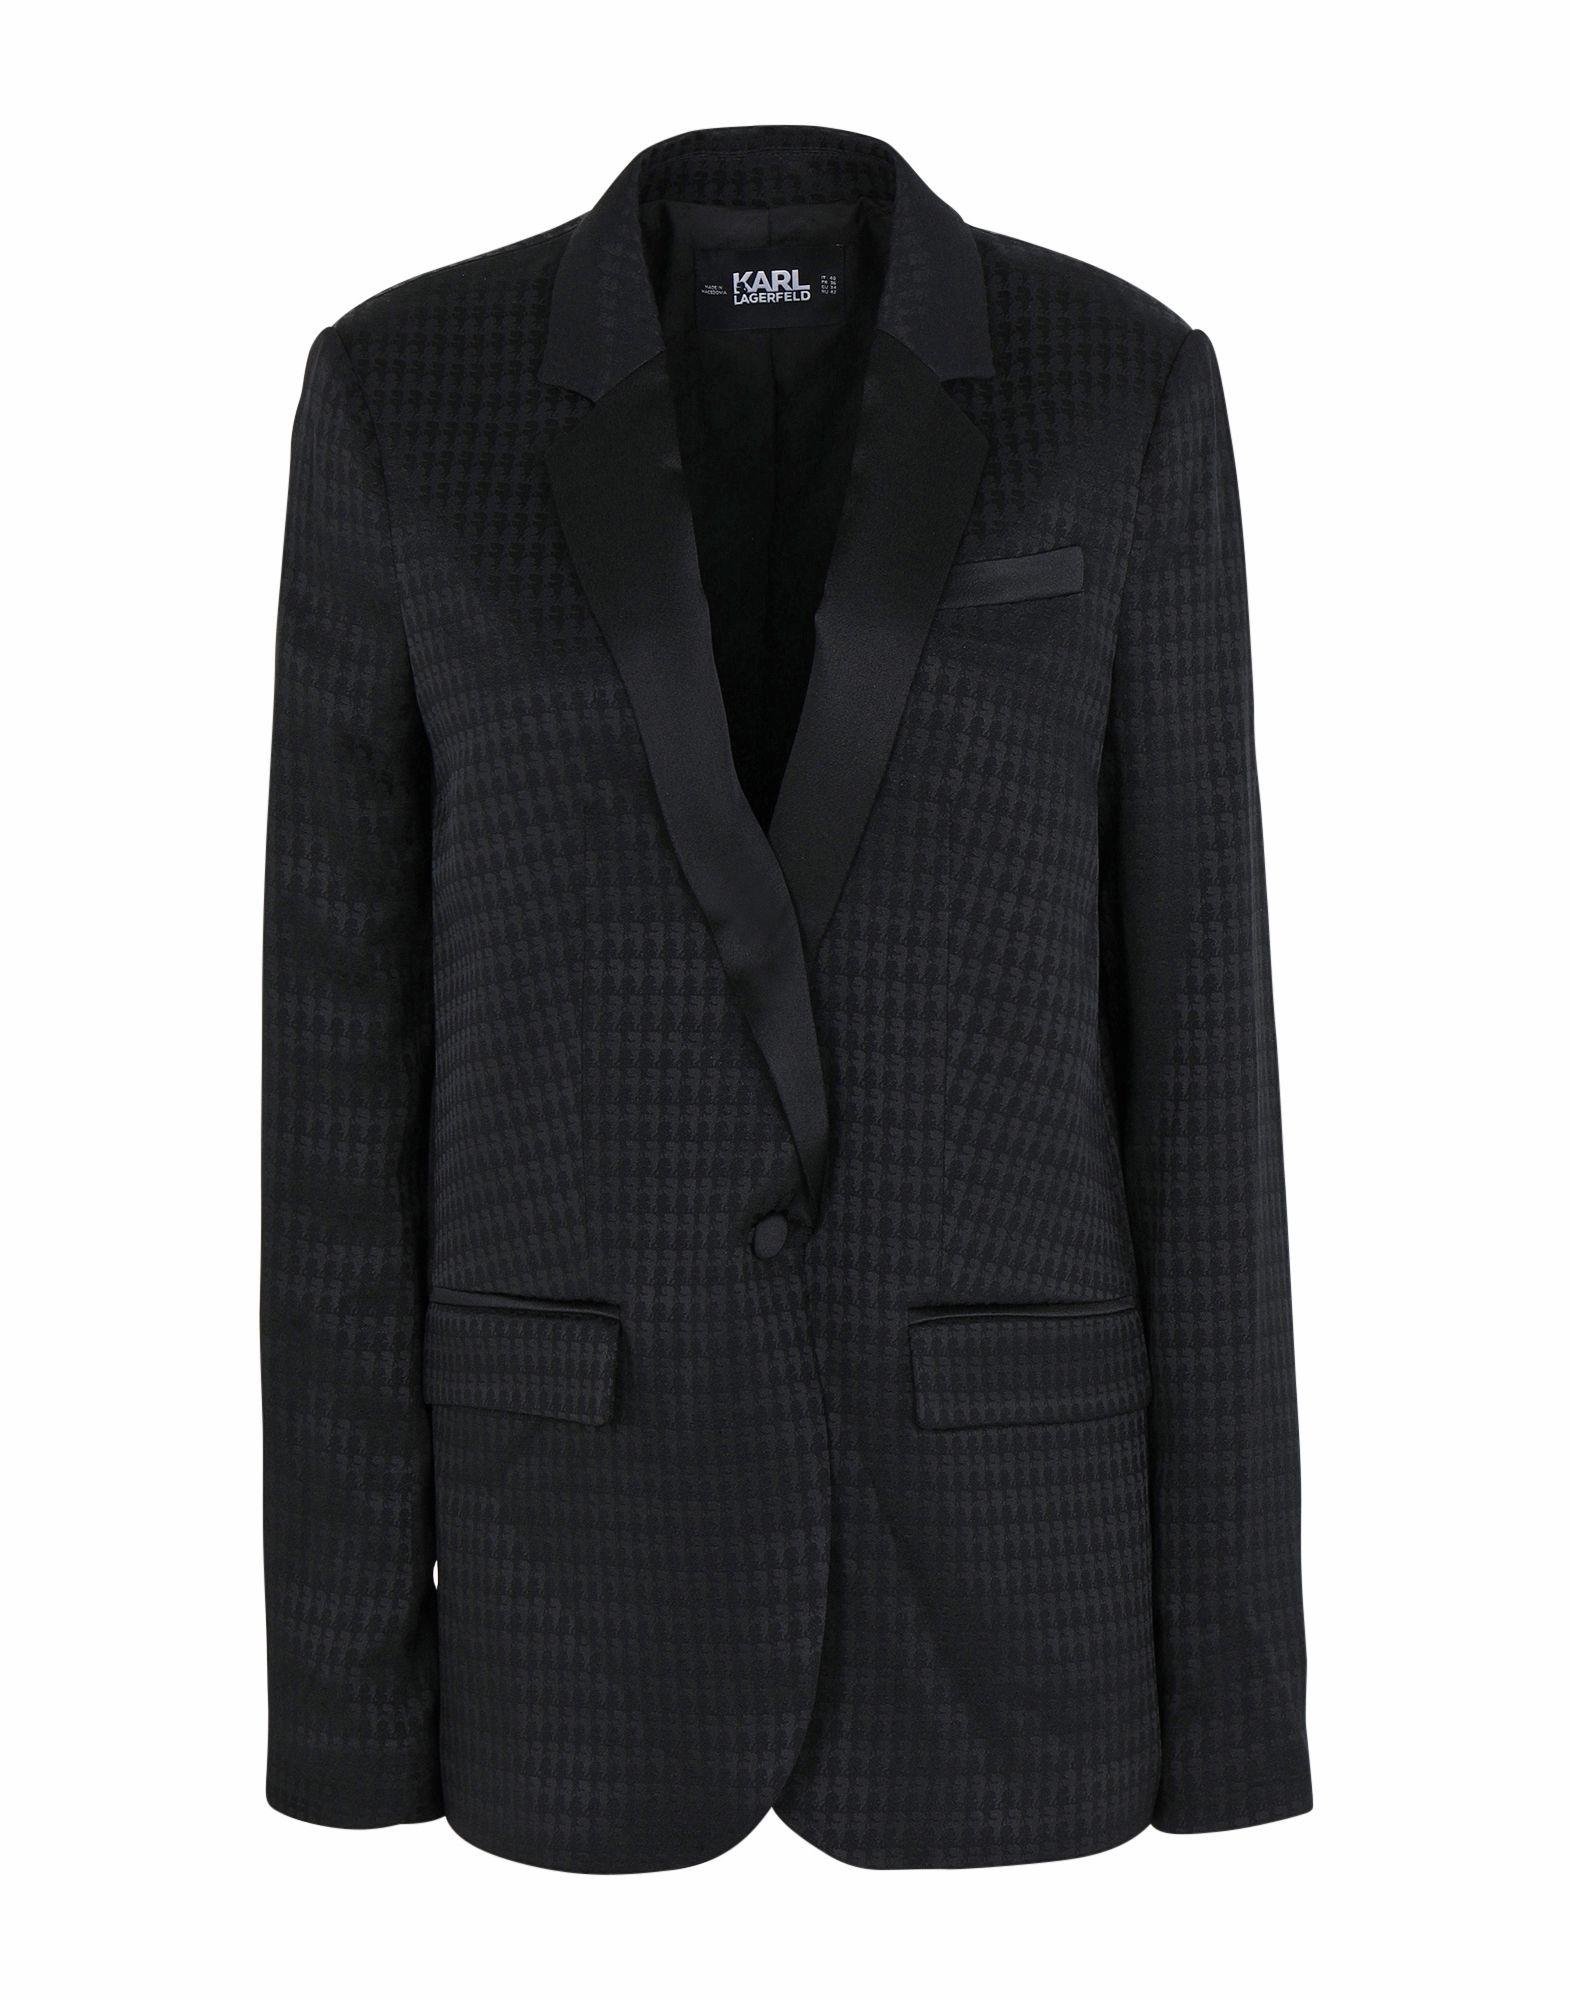 《期間限定セール開催中!》KARL LAGERFELD x OLIVIA PALERMO レディース テーラードジャケット ブラック 40 アセテート 69% / レーヨン 31% JACKET W/KARL HEAD JACQUARD